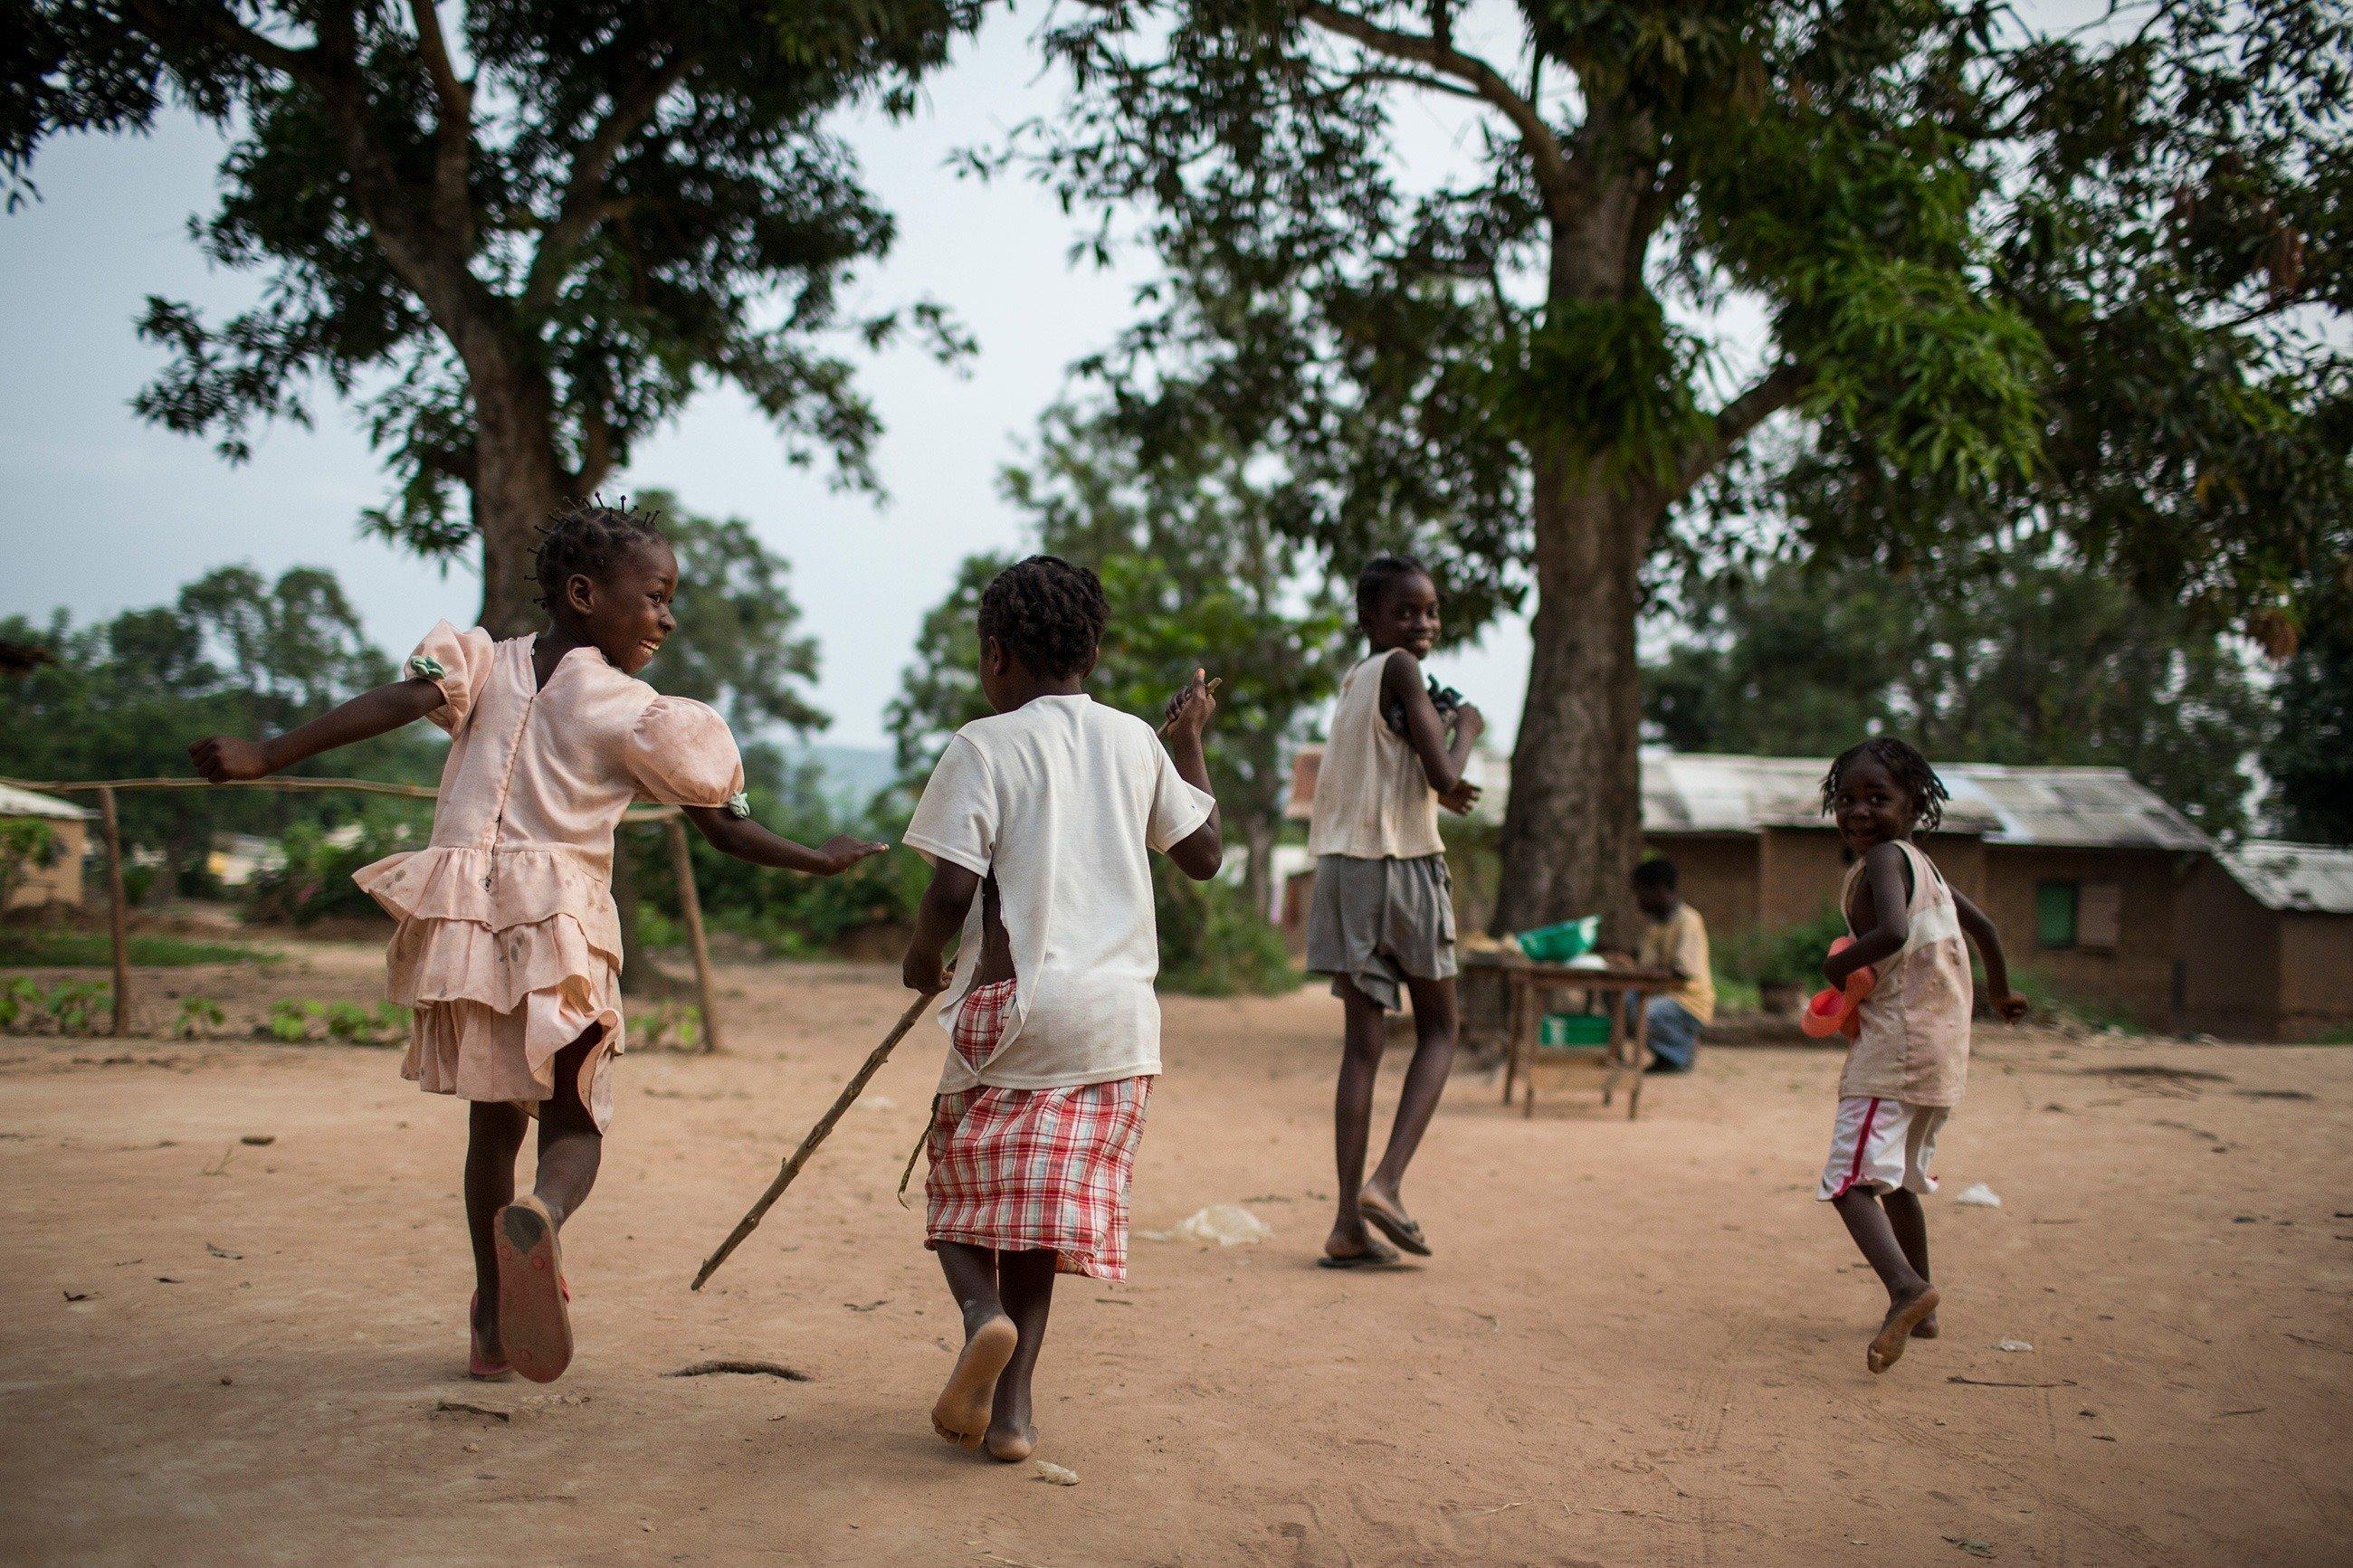 Bambini africani giocano a rincorrersi e prendersi.